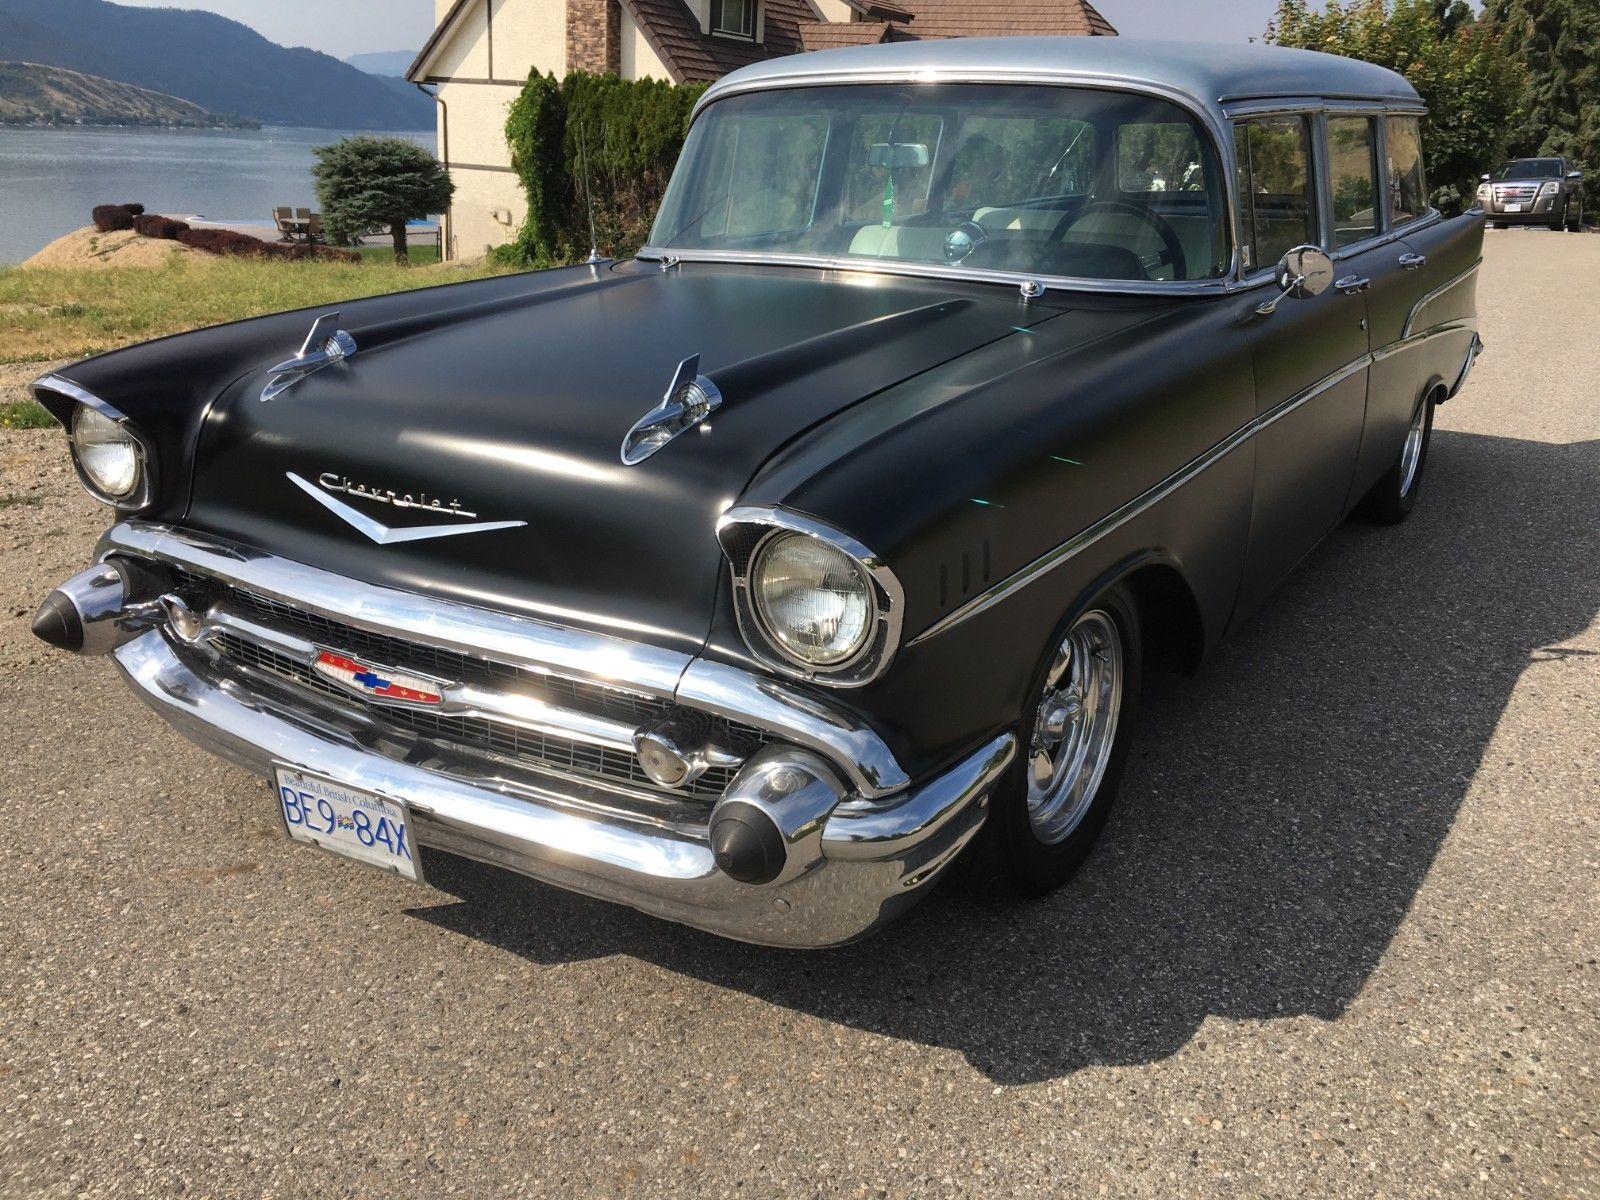 Amazing 1957 Chevrolet Bel Air 150 210 4 Door Chevy Wagon 2018 Hardtop 2019